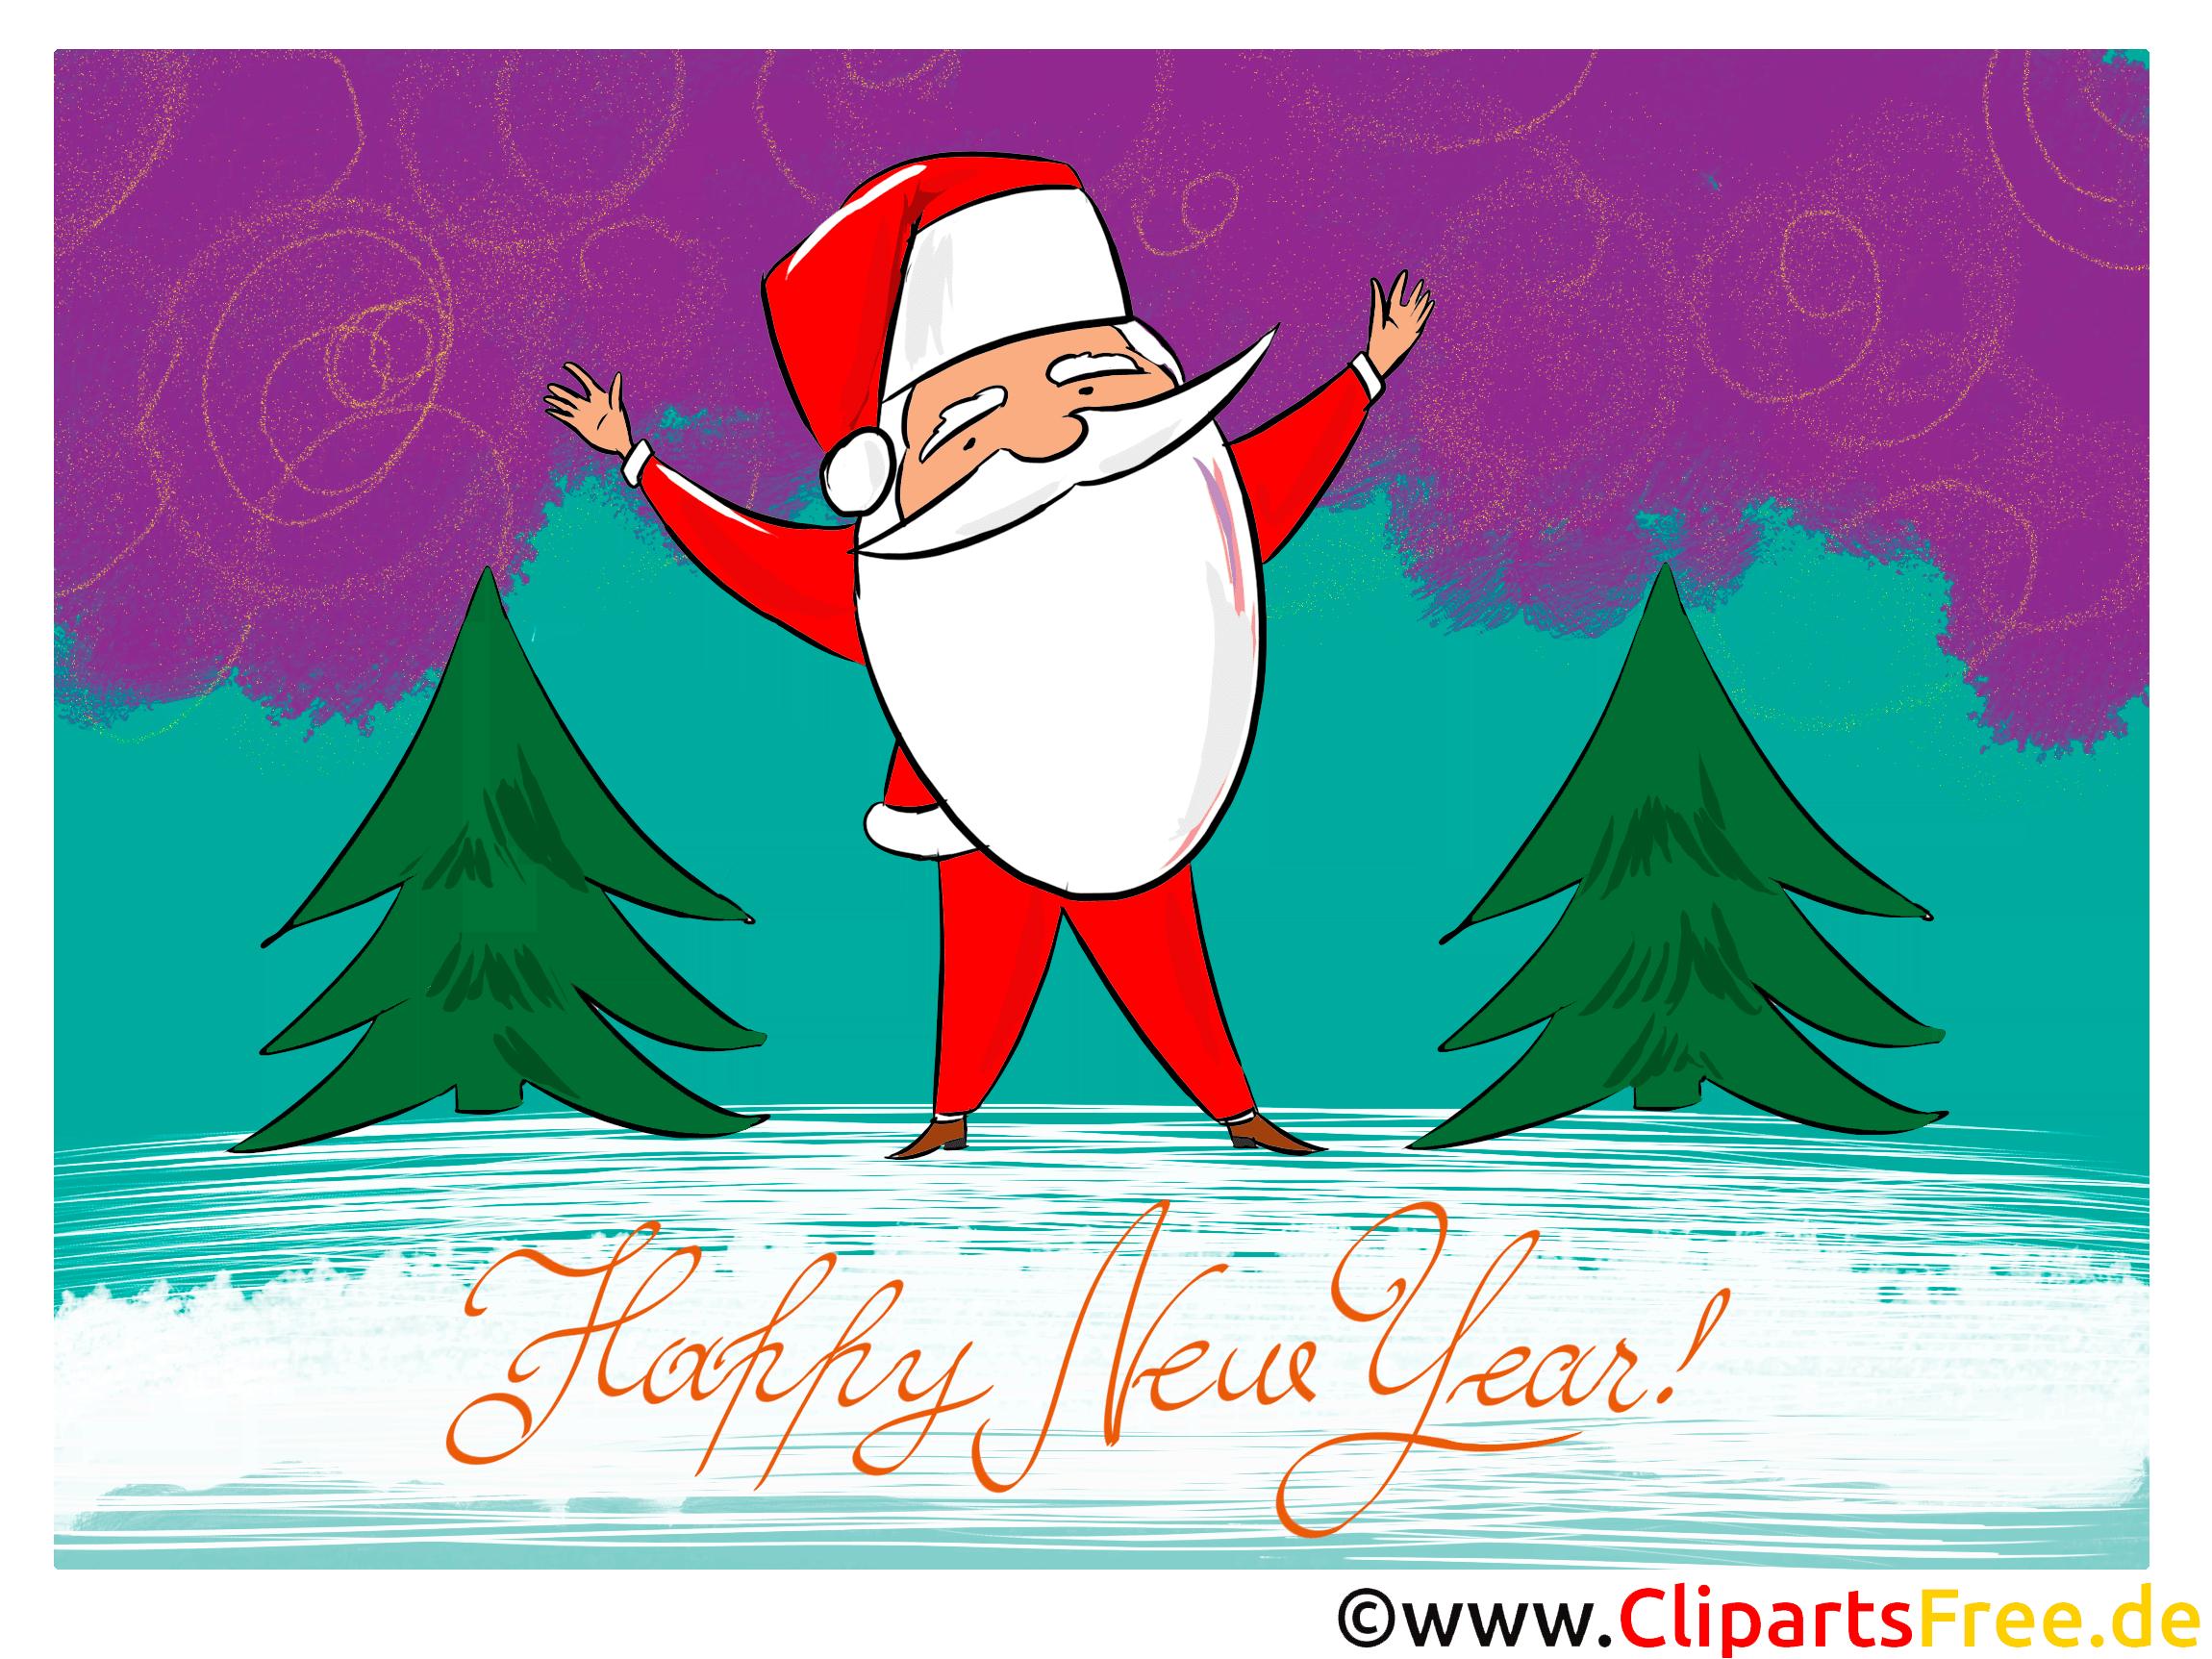 Bonne année - Clipart télécharger gratuit